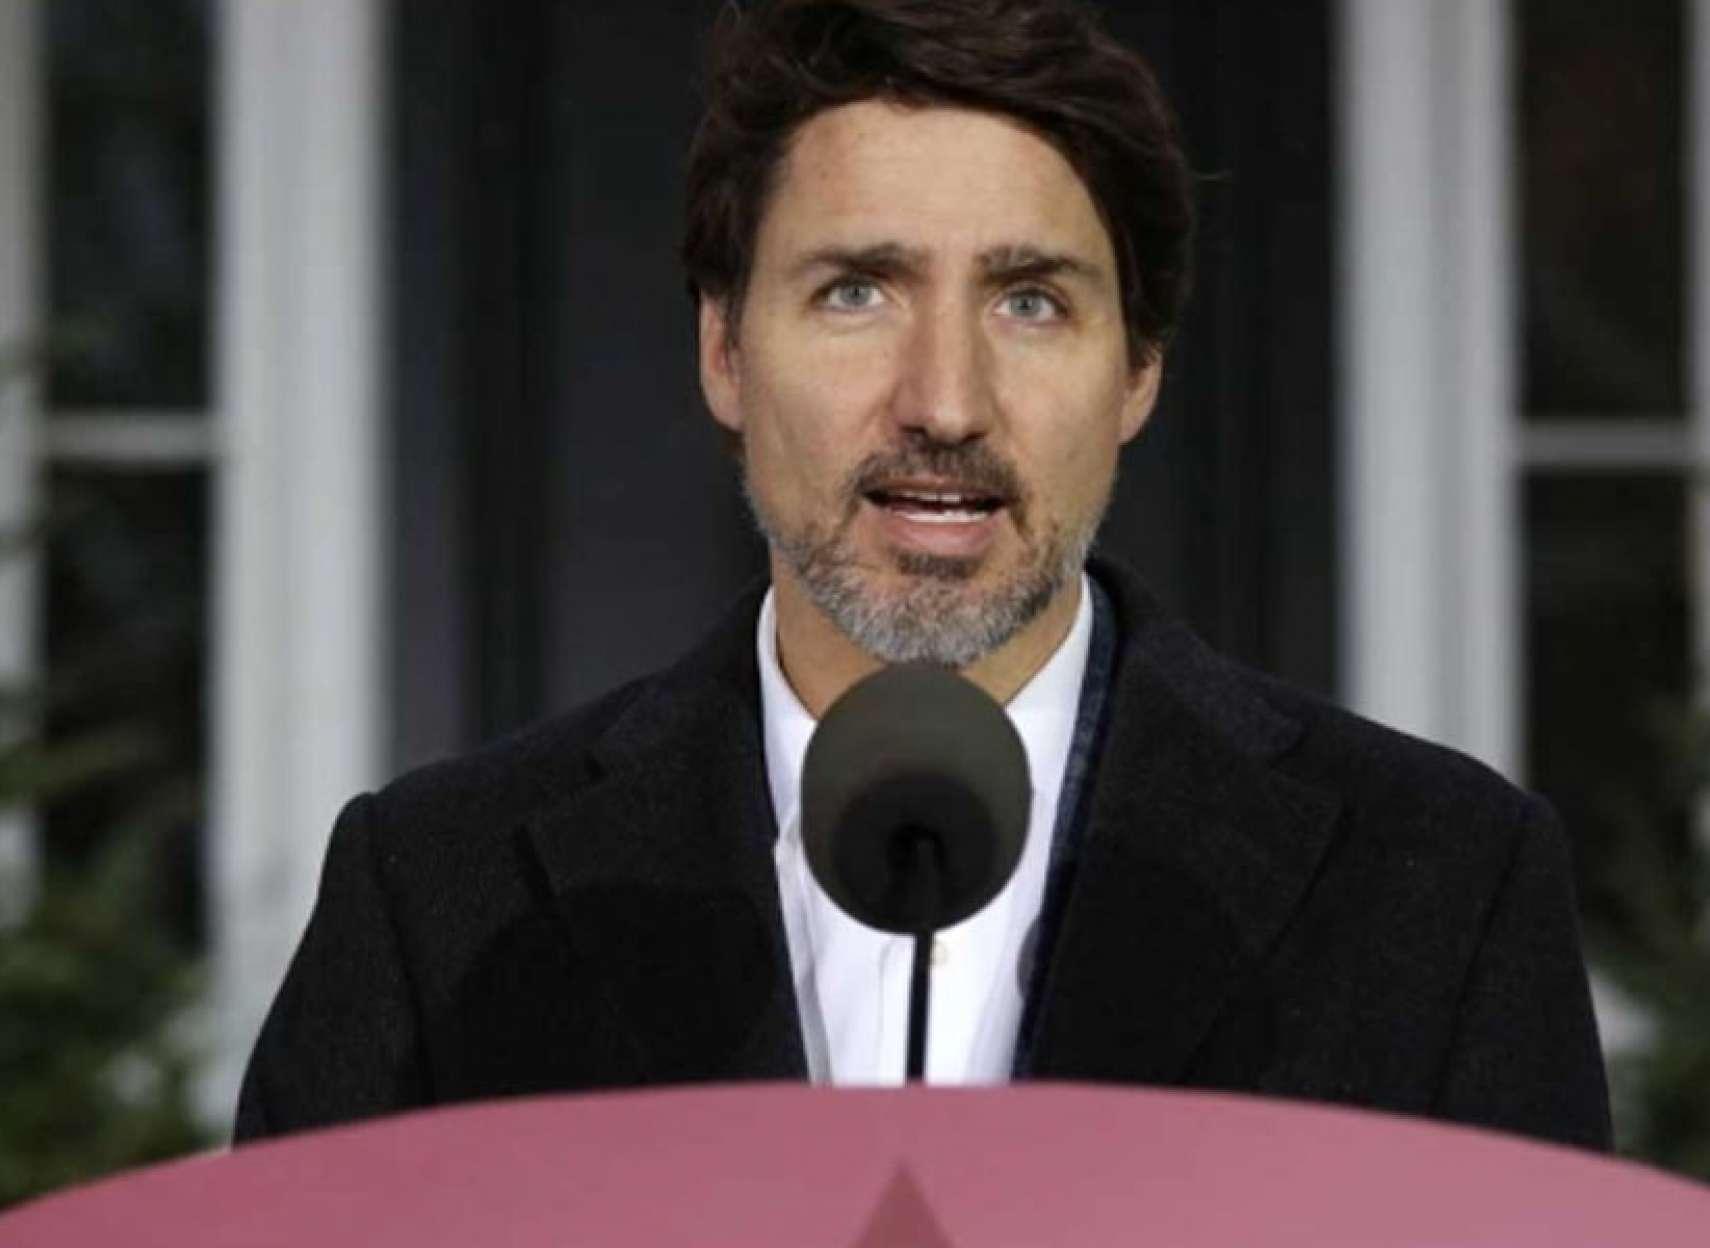 اخبار-کانادا-رکورد-بیکاری-ترودو-کمک-به-دستمزد-کارگران-بعلت-کرونا-را-تمدید-می-کند